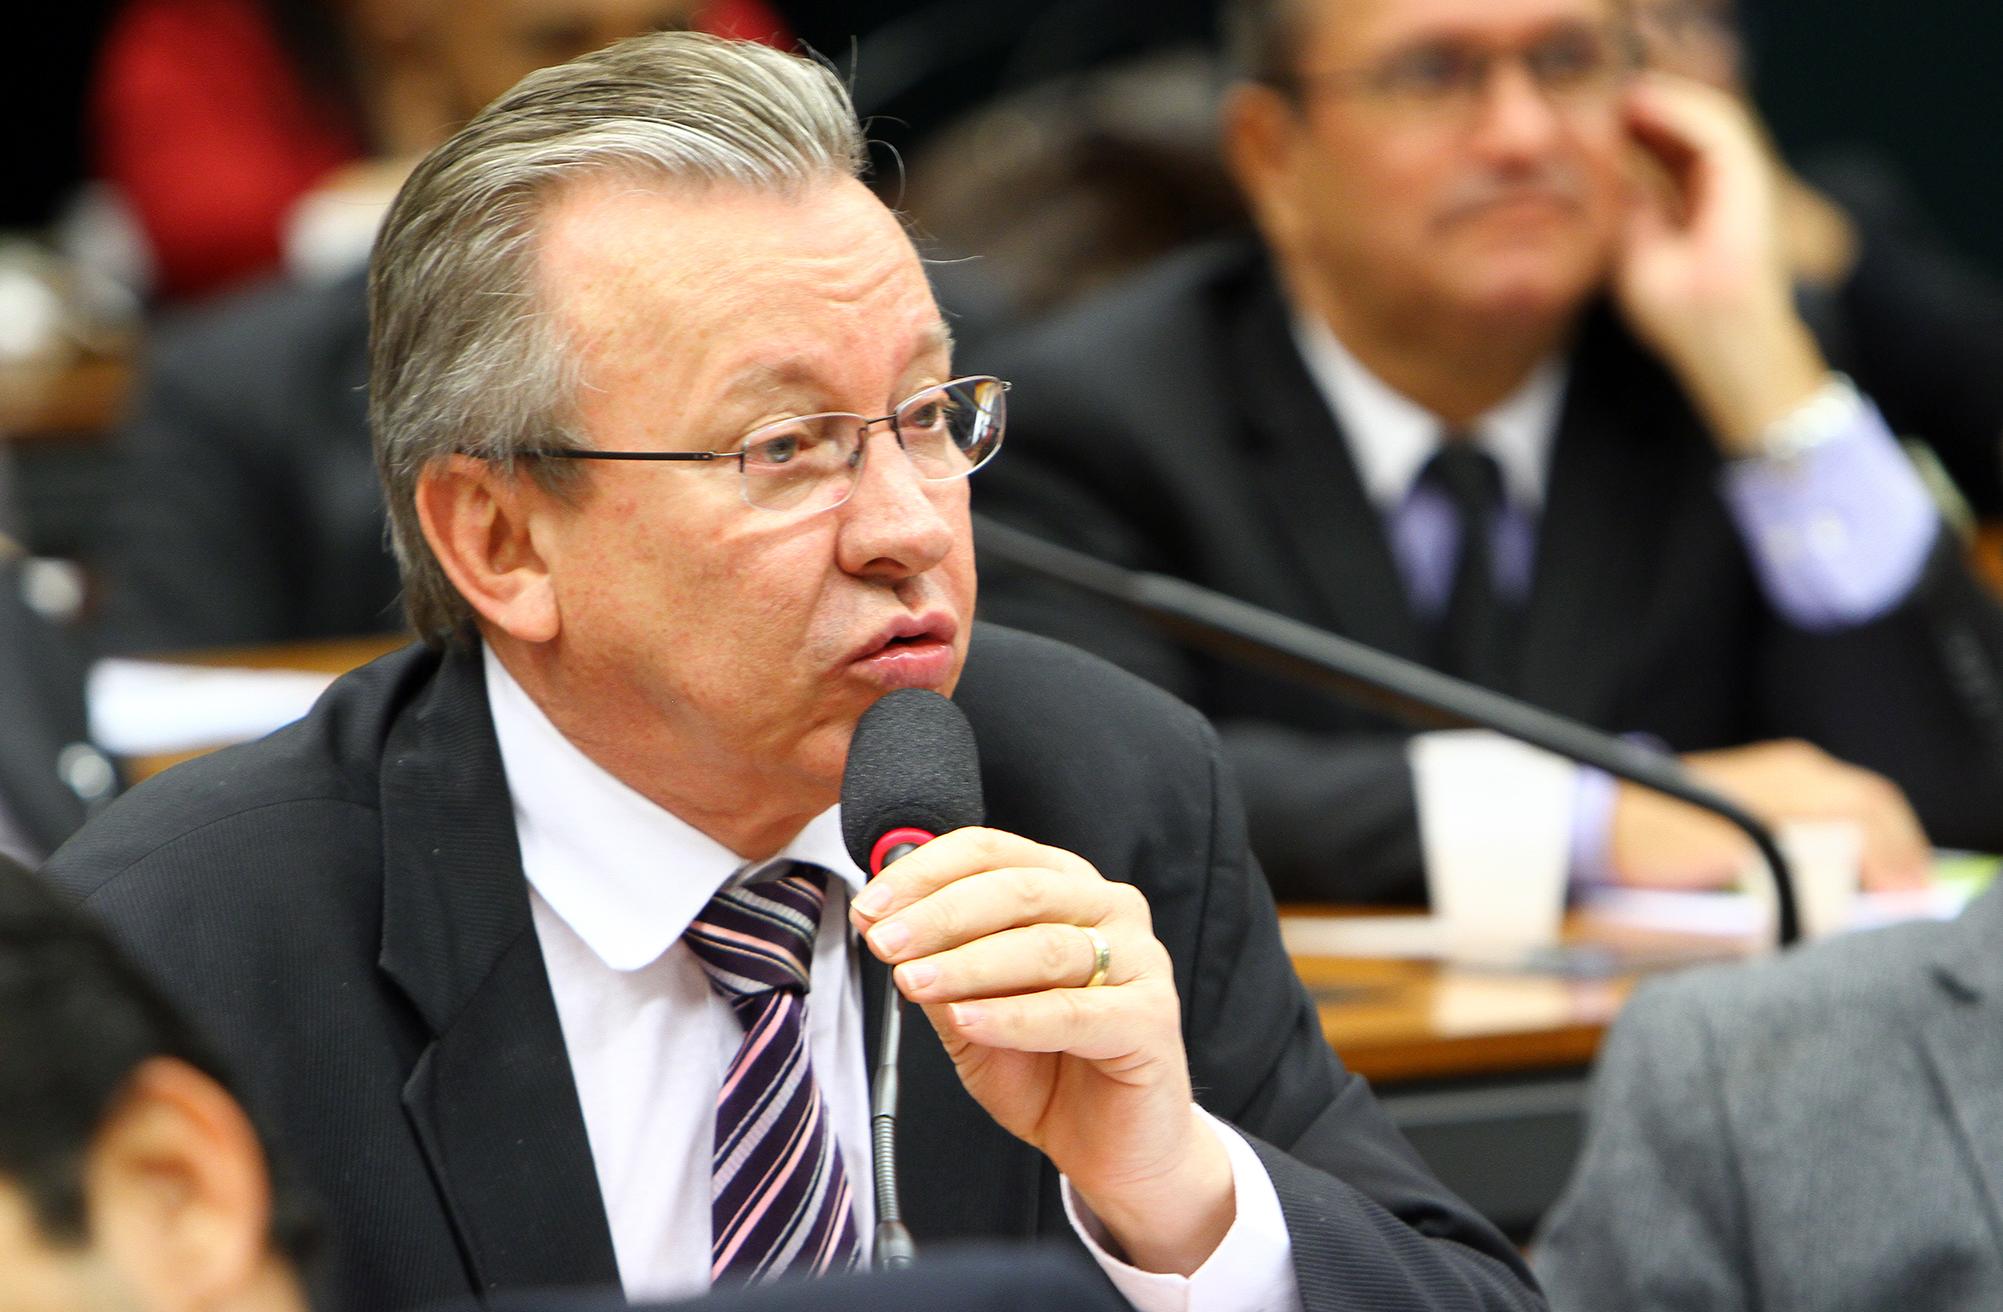 Audiência pública sobre o plano de trabalho, ações e prioridades do novo Governo em relação ao setor agrícola e pecuário do Brasil. Dep. Celso Maldaner (PMDB-SC)